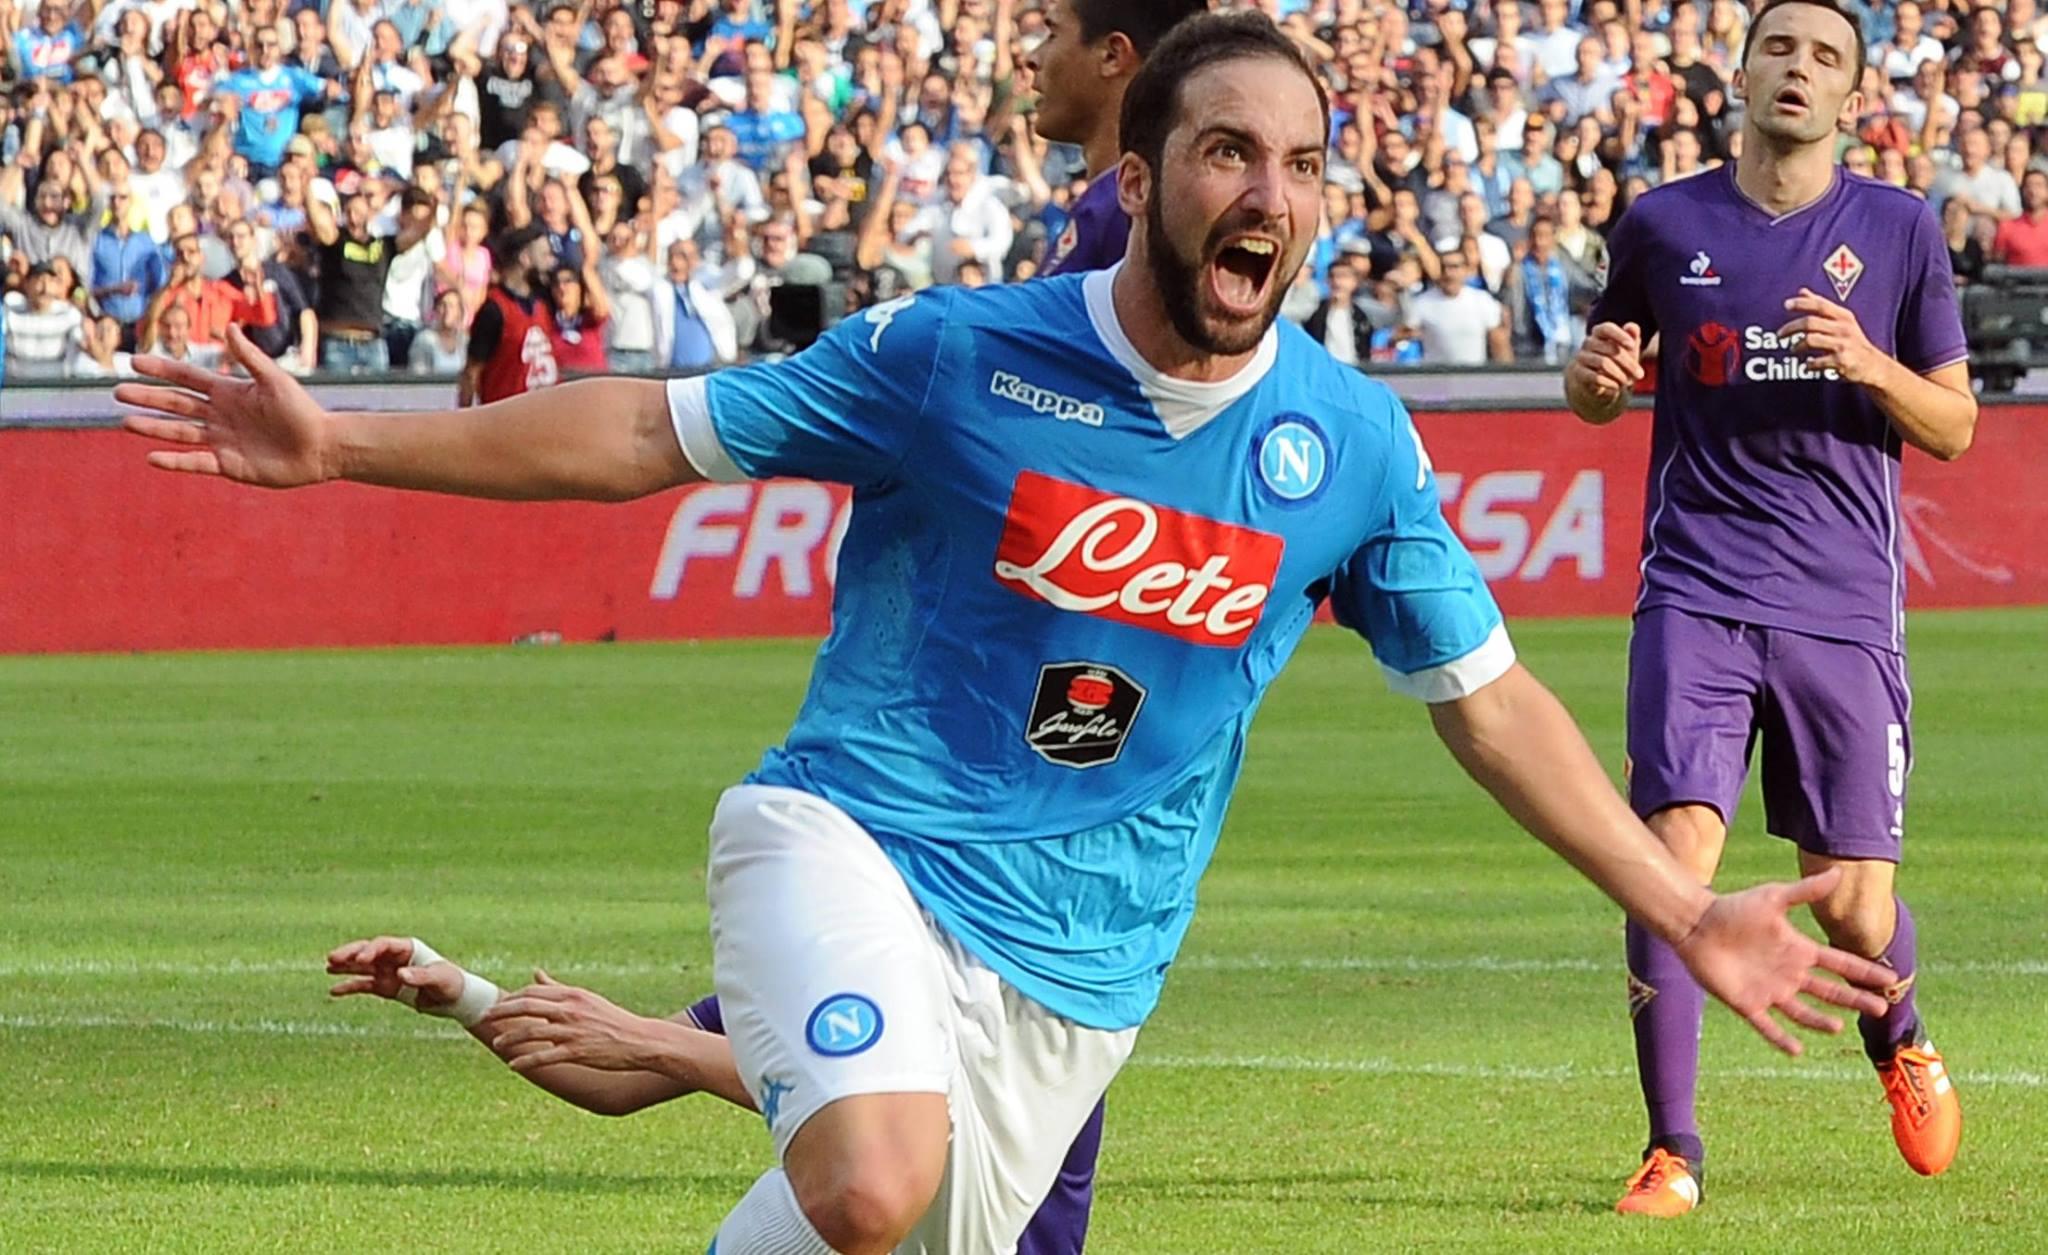 Napoli Fiorentina 2-1